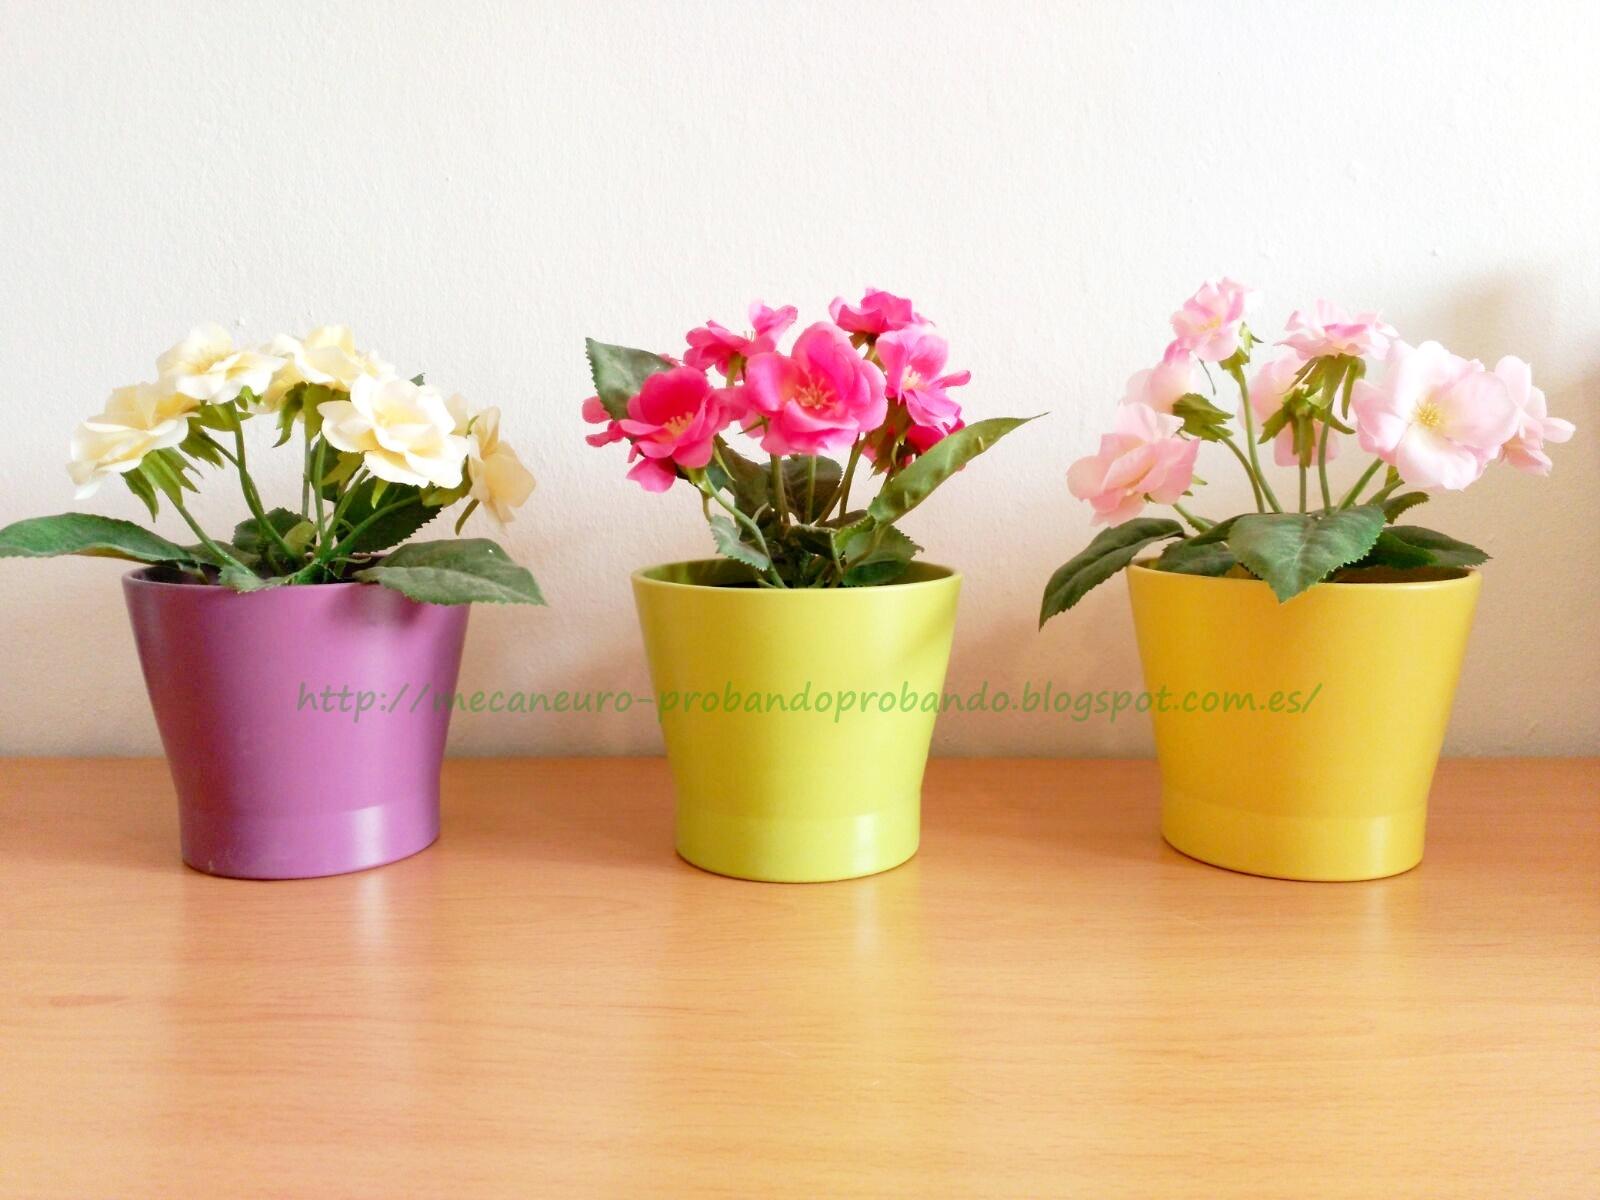 Probando probando fejka la planta artificial de ikea - Ikea plantas artificiales ...